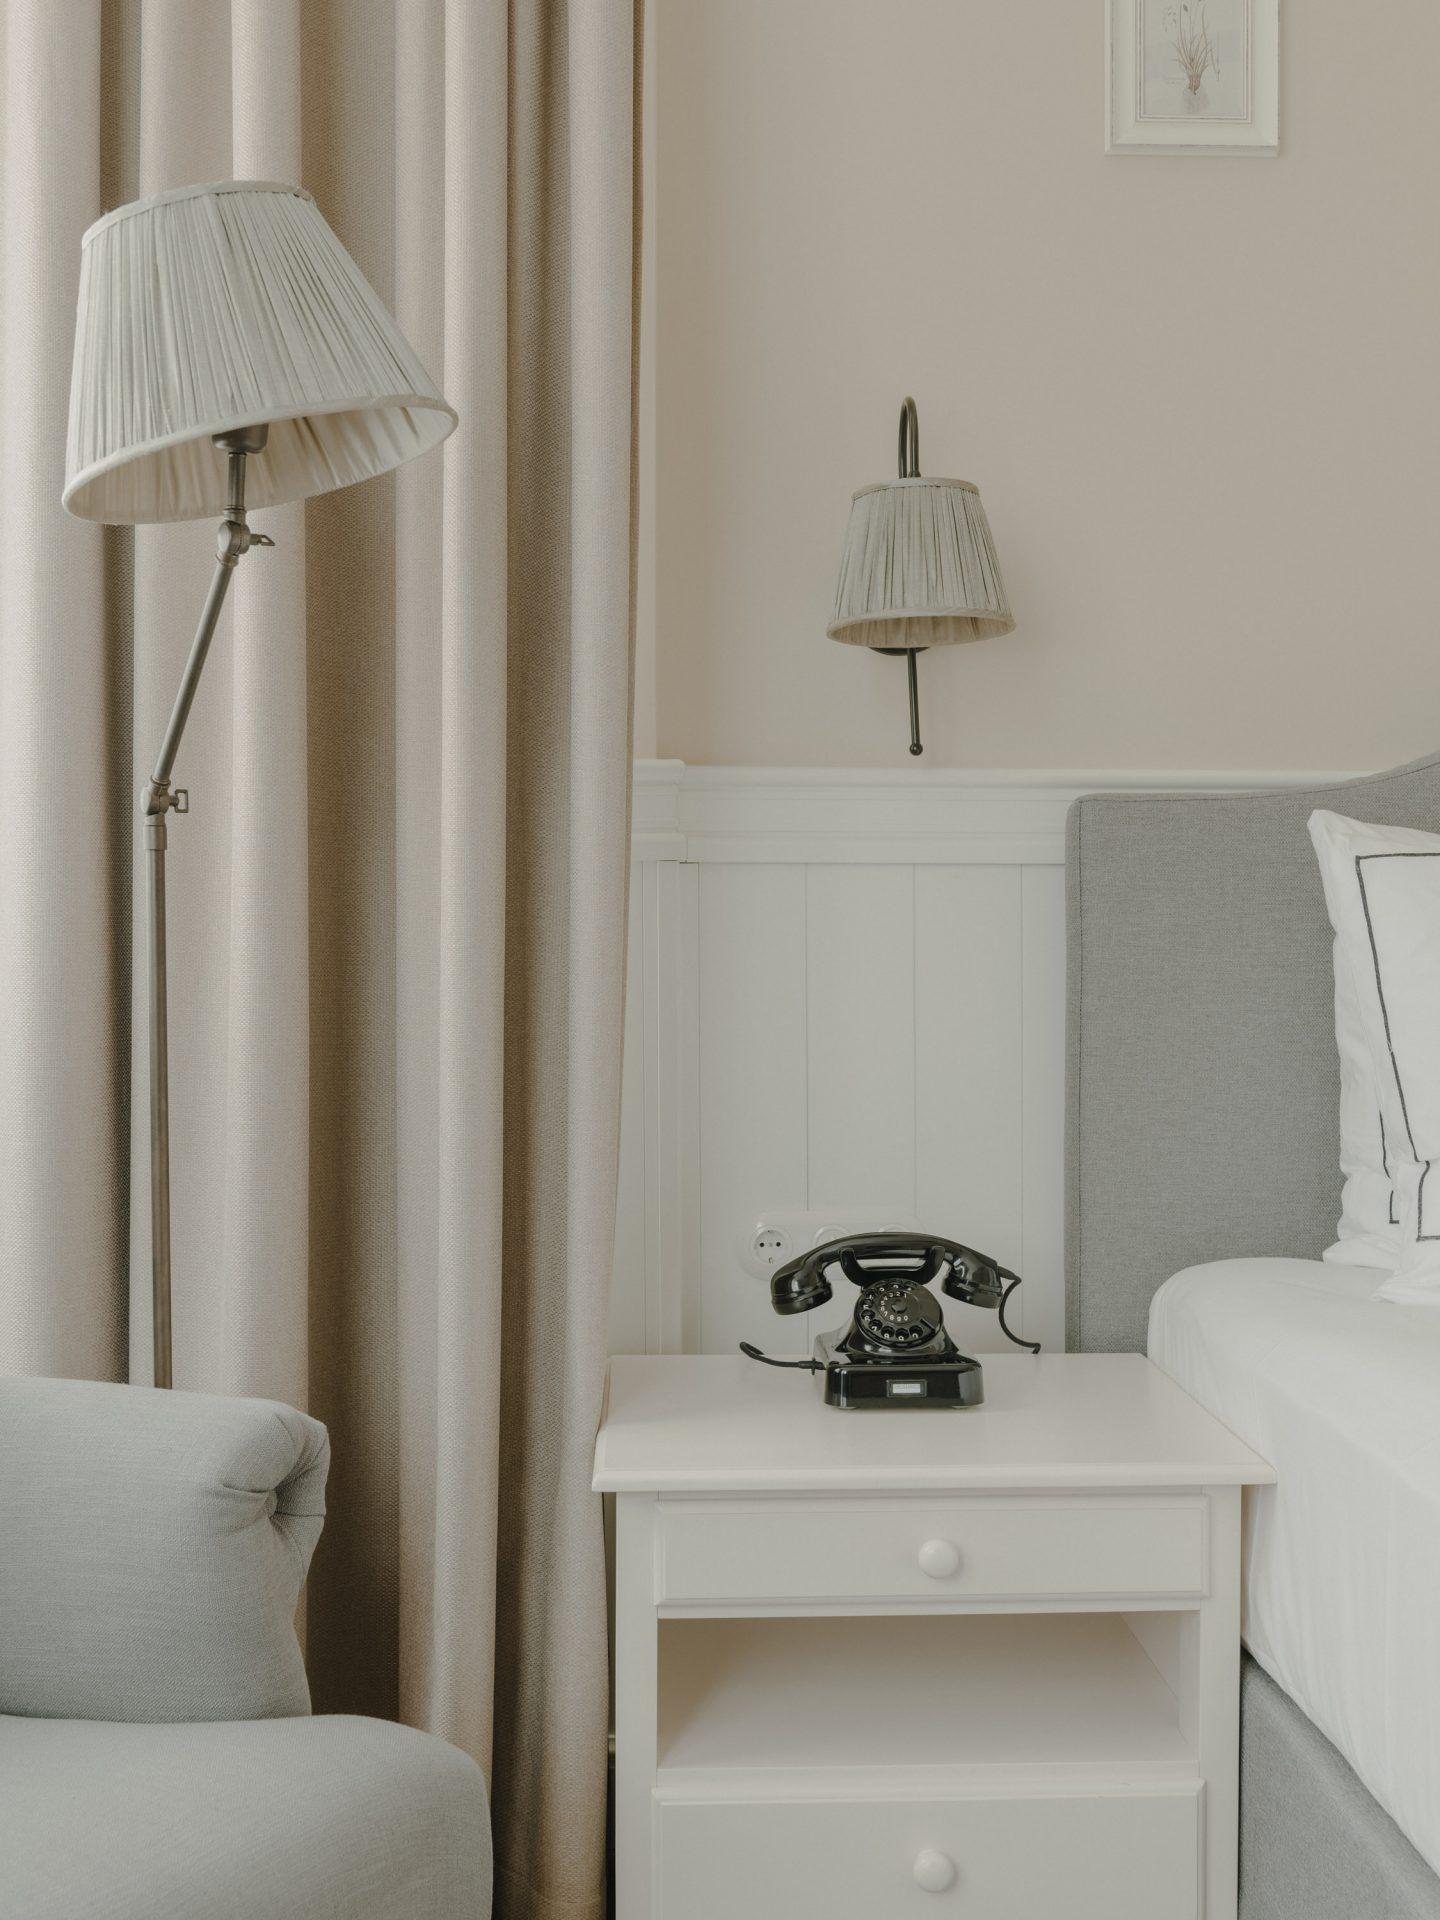 19-11-Ignant-Strandhotel-Ahlbeck-10732